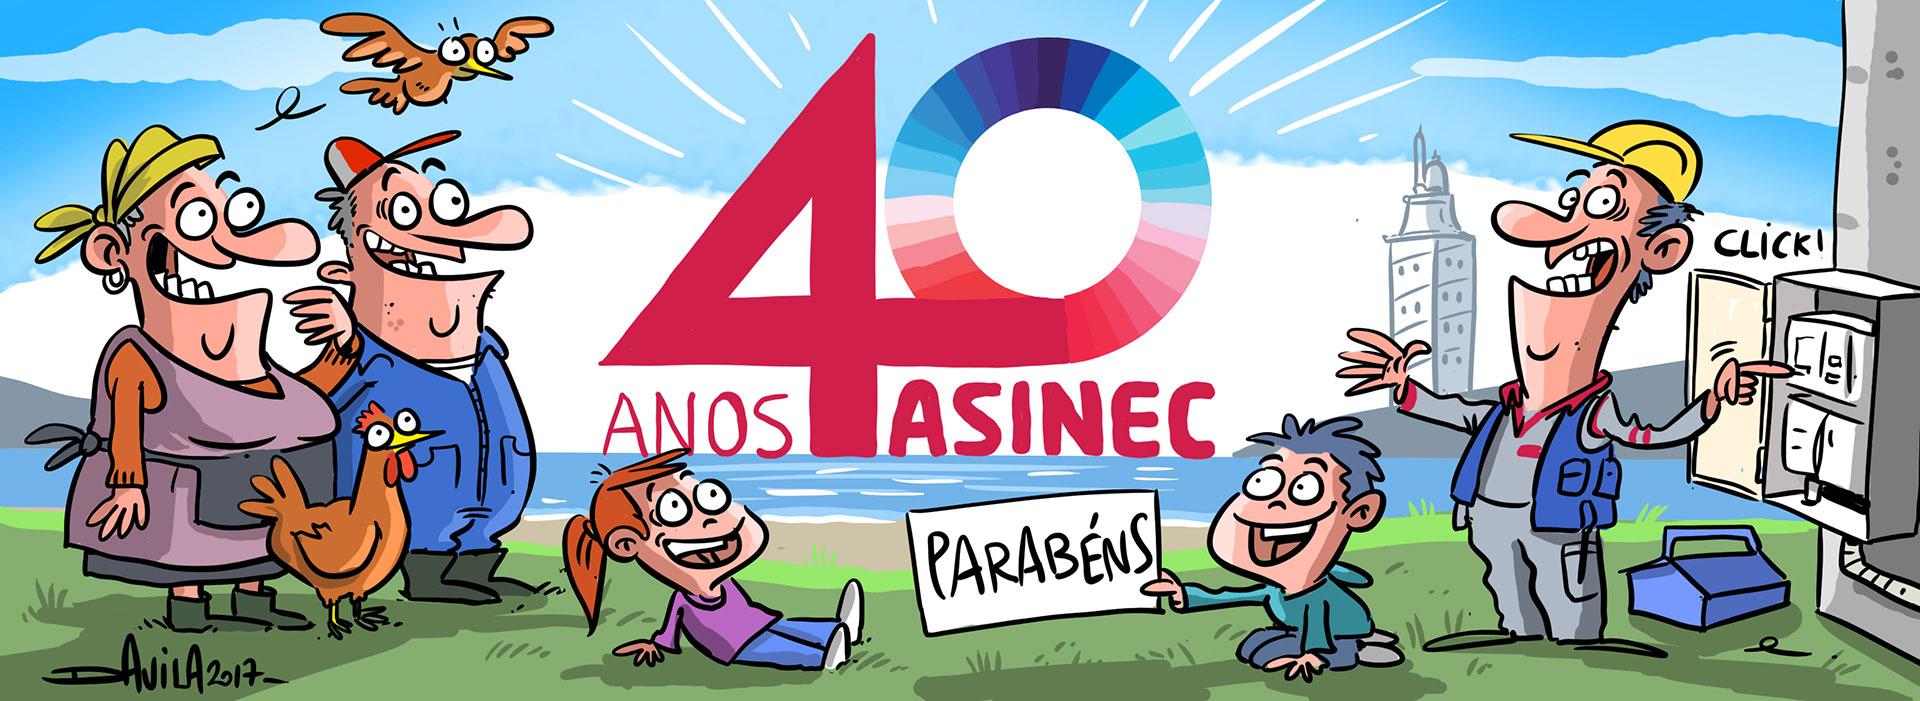 Viñeta de Davila. 40 aniversario ASINEC